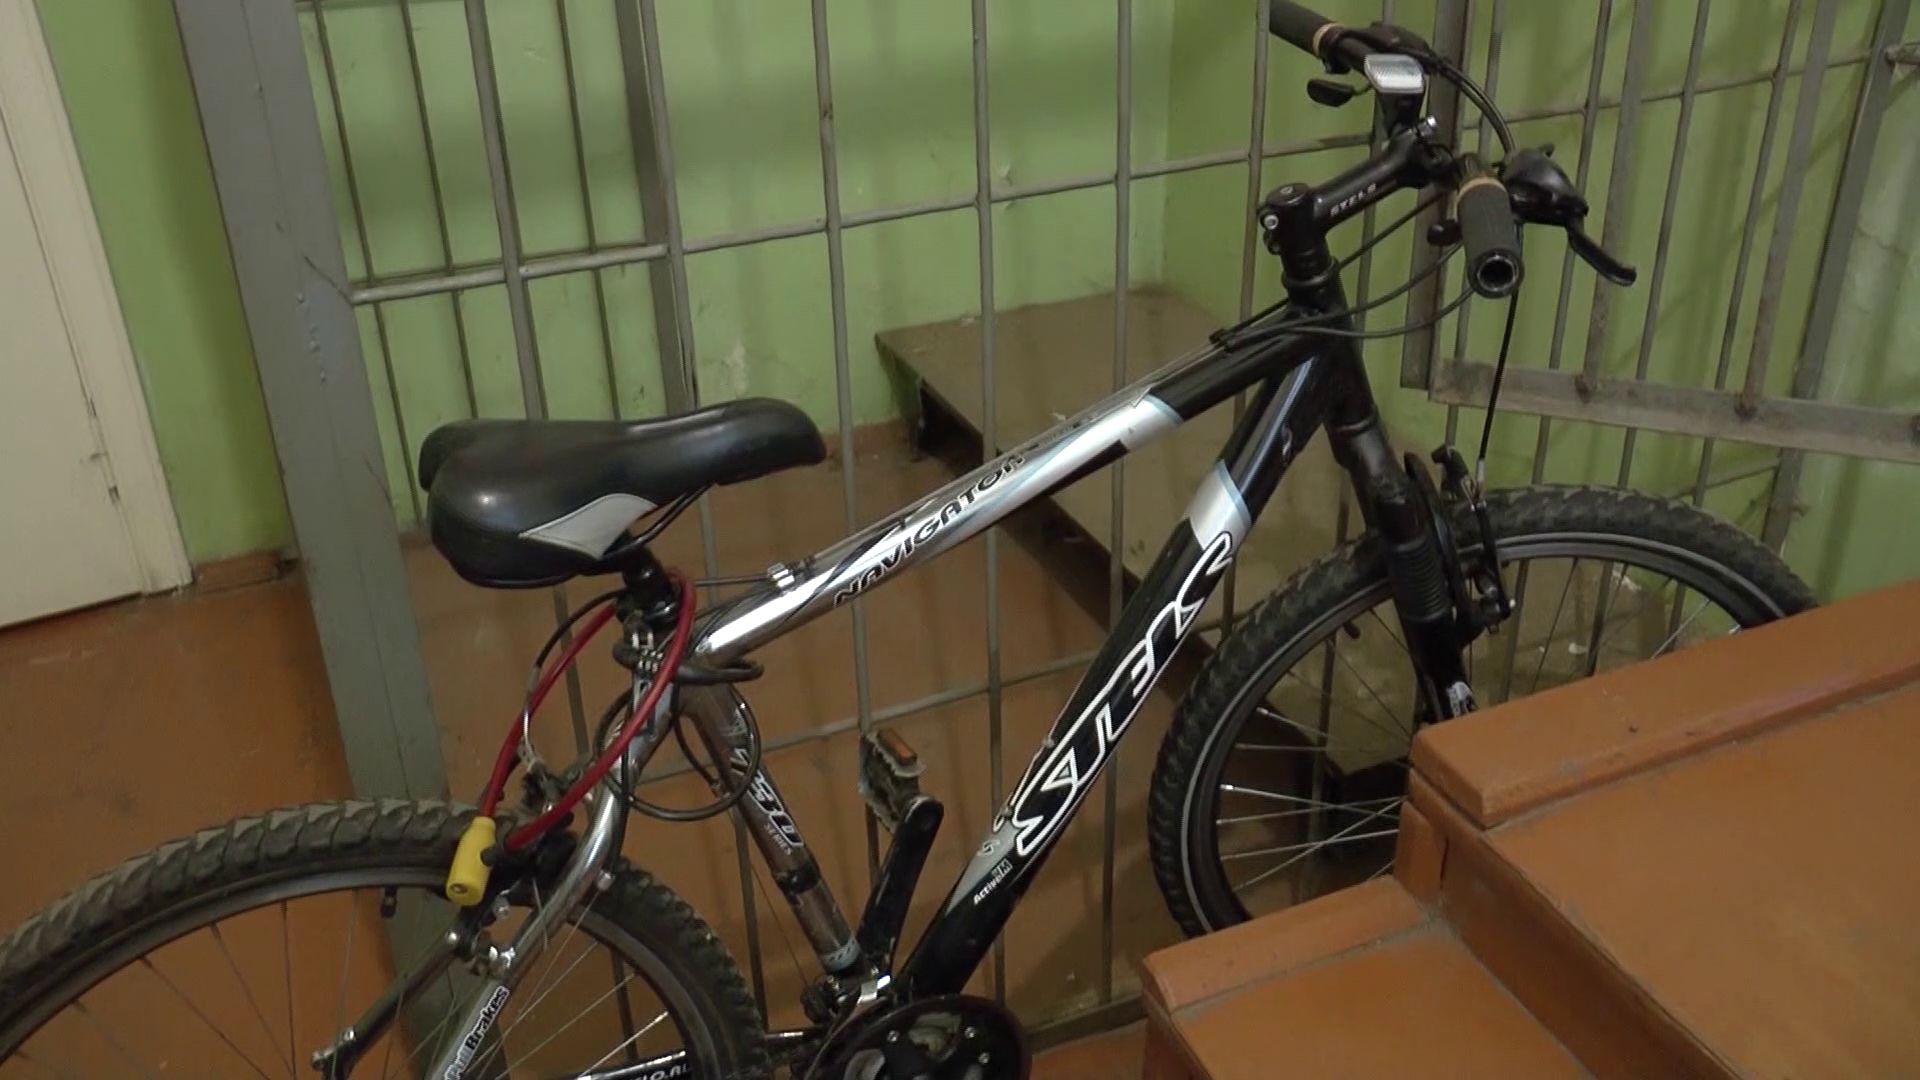 Ярославец украл и продал два велосипеда